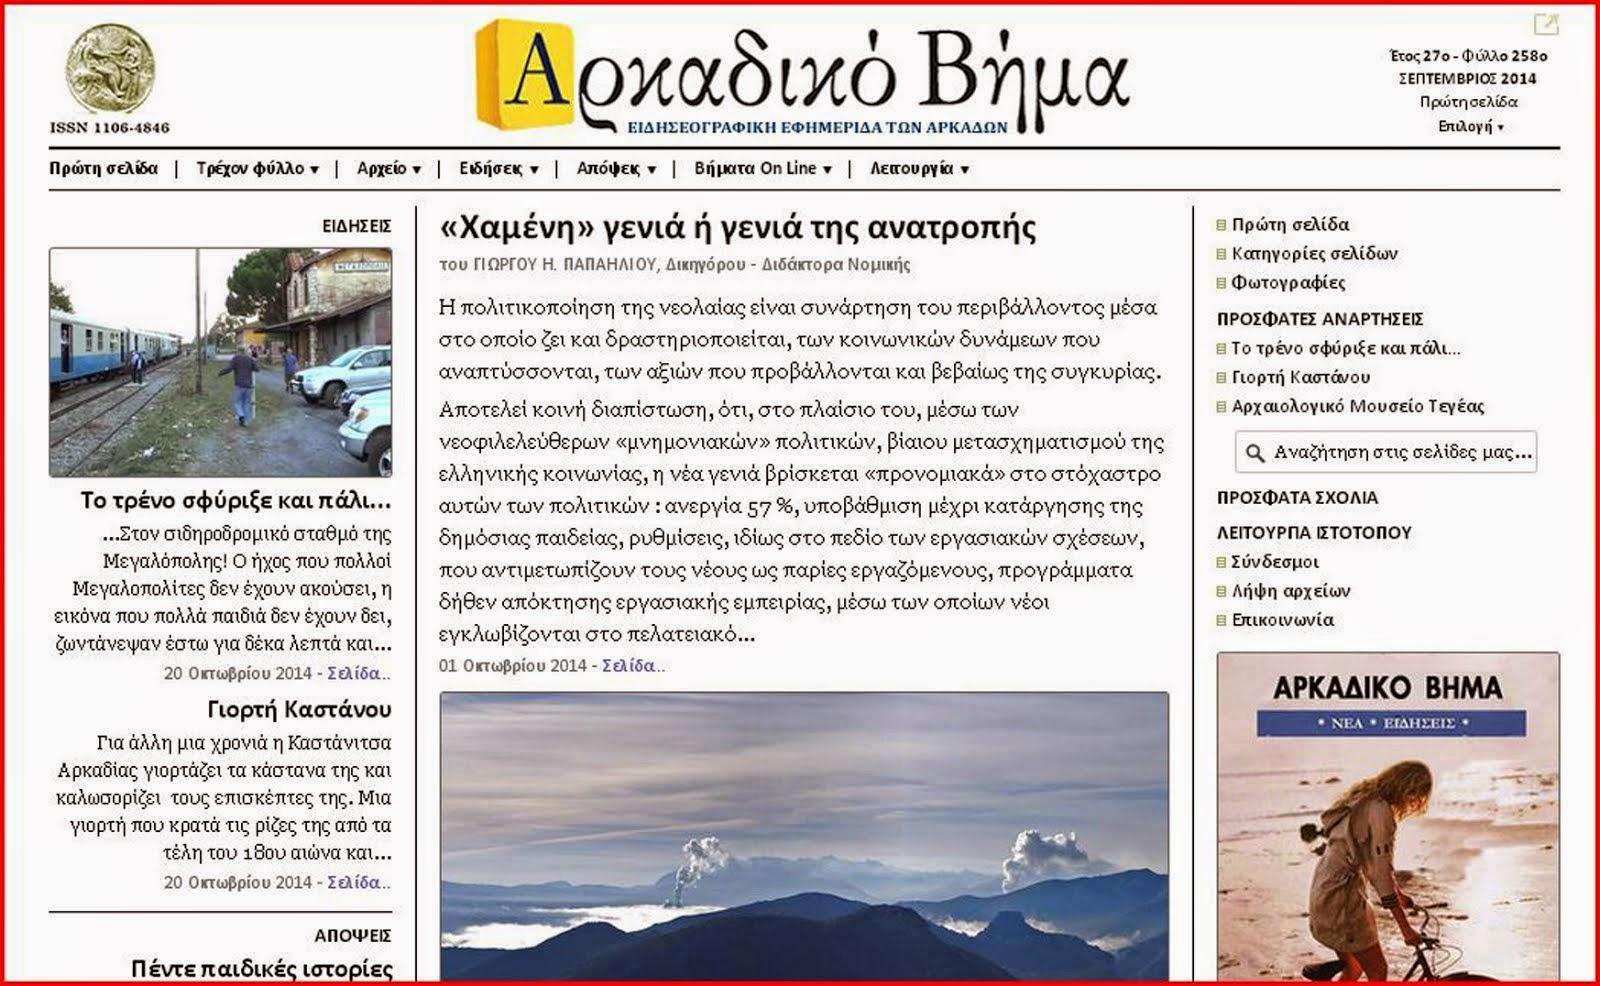 """Δείτε την νέα Ιστοσελίδα της εφημερίδας """"Αρκαδικό Βήμα"""""""